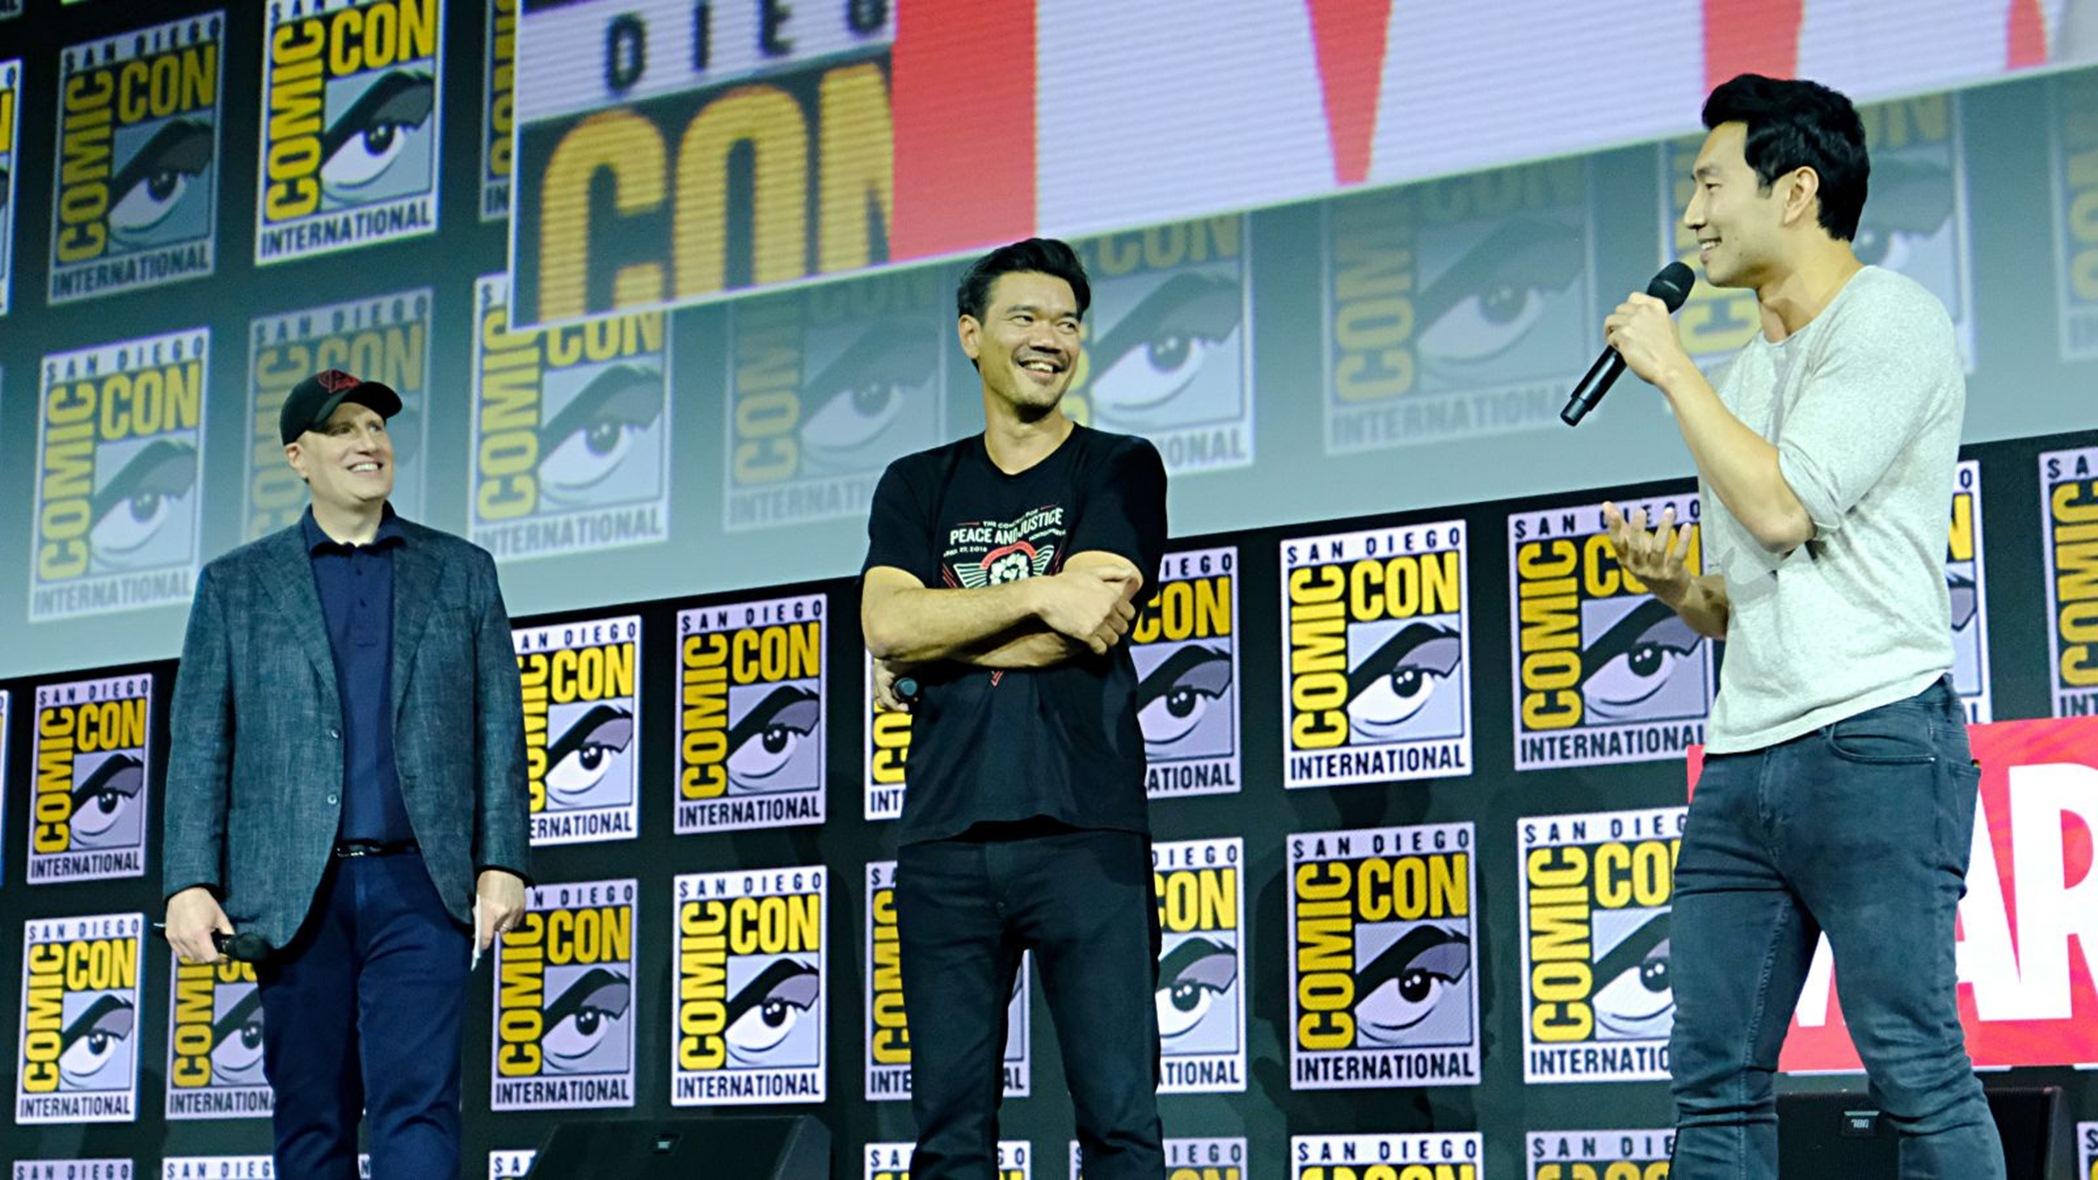 Sosok Pria Asal Tiongkok Yang Menjadi Superhero di Shang Chi Marvel 3